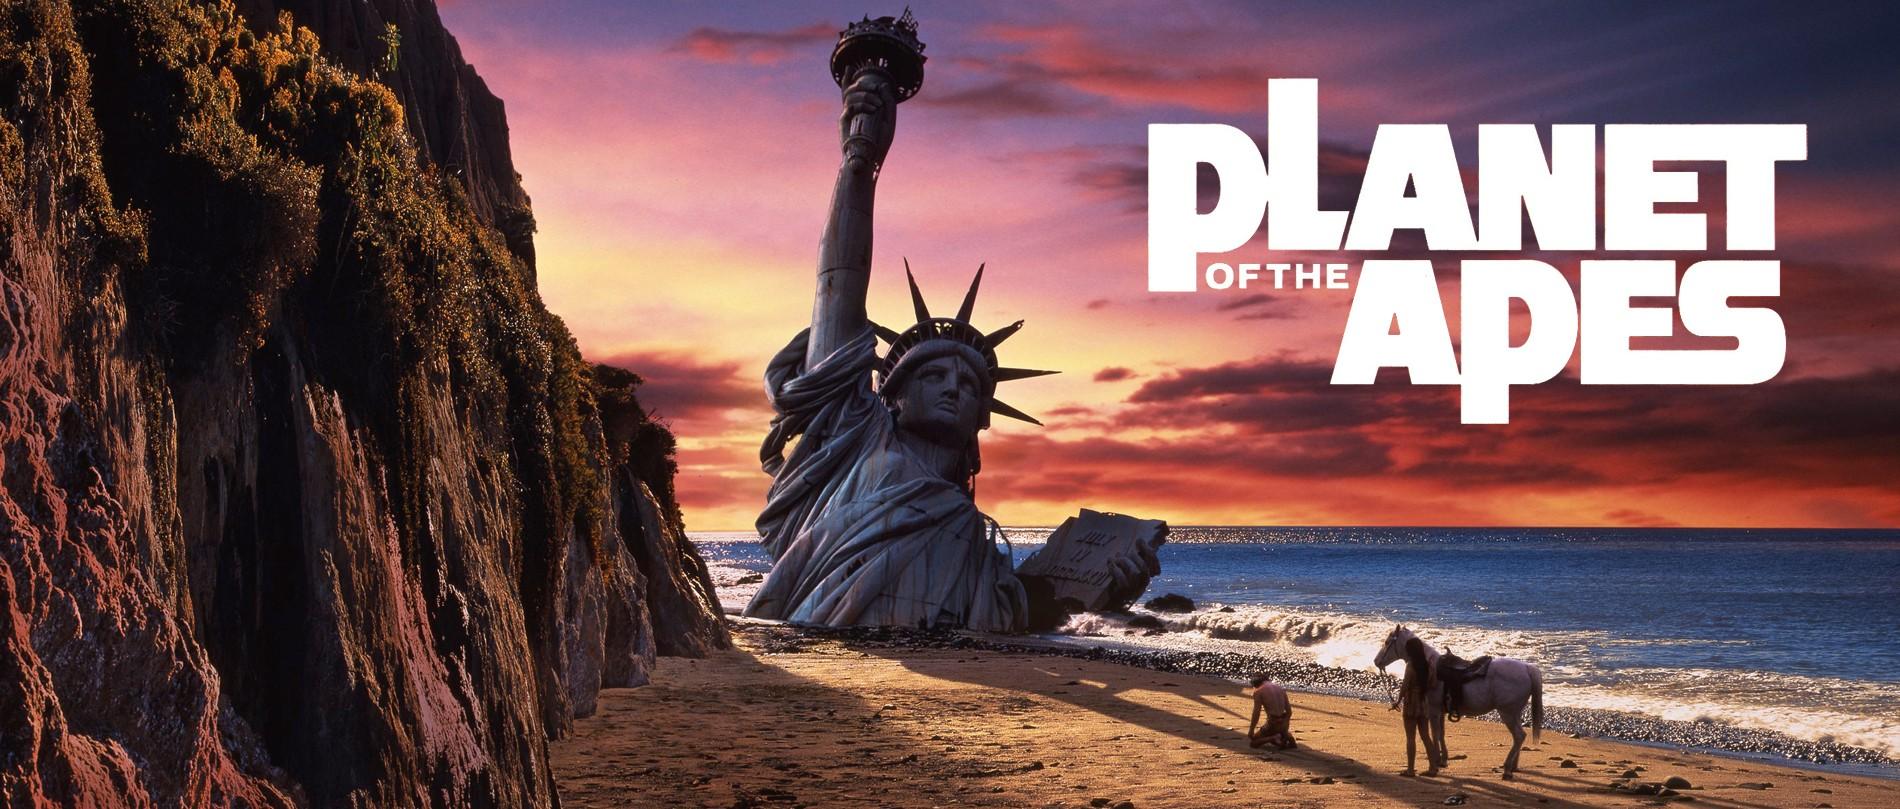 Il pianeta delle scimmie: la nuova saga